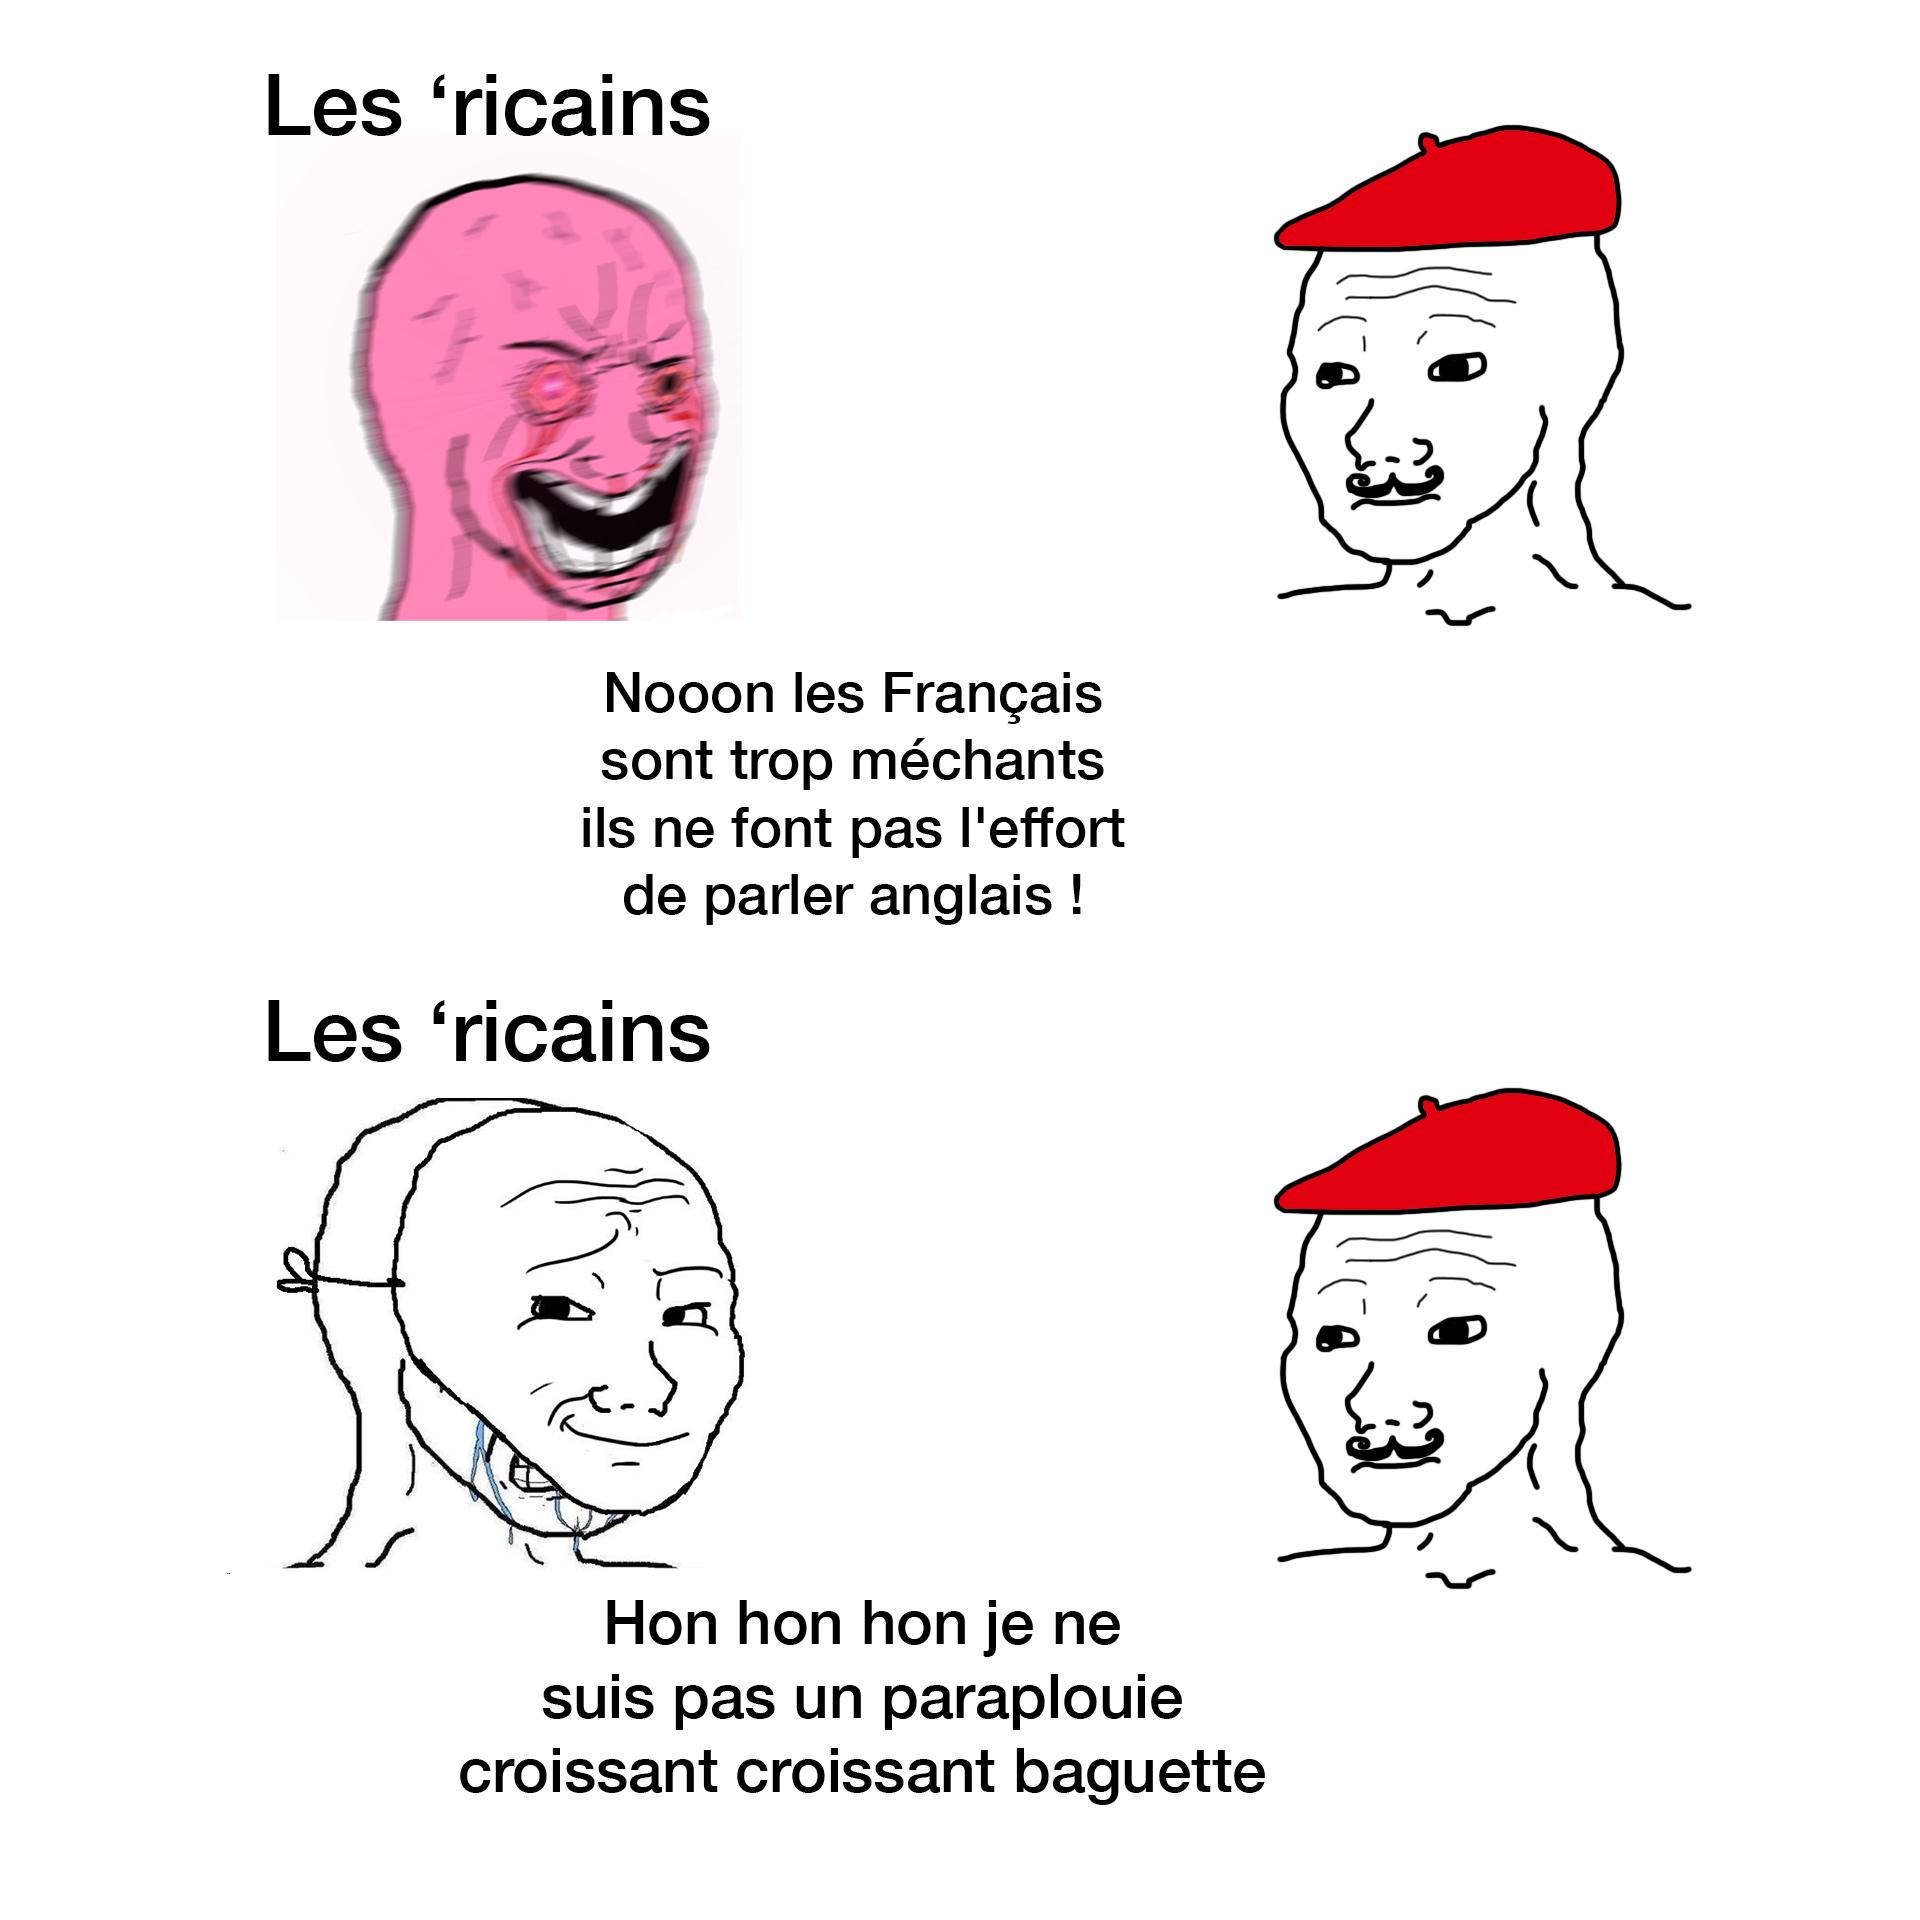 Spécial dédicace aux suceurs d'américains - meme